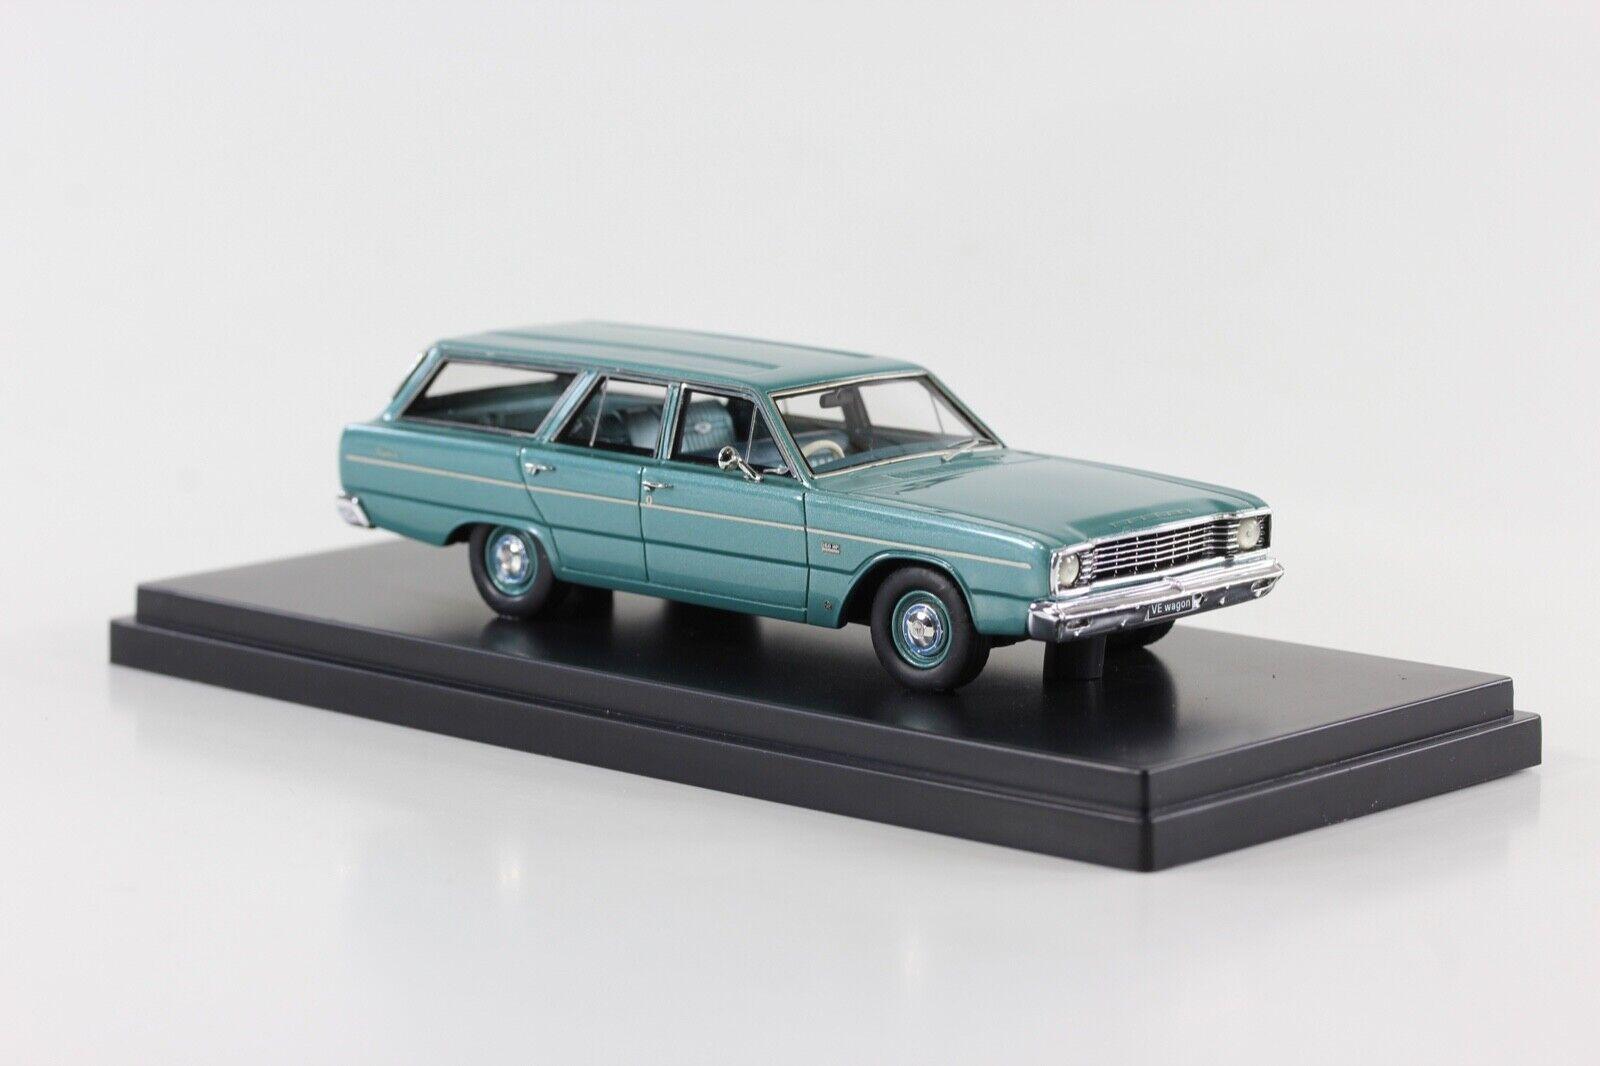 Chrysler VE Valiant Safari Station Auto 1967 Trax Modells Australien TRR57B